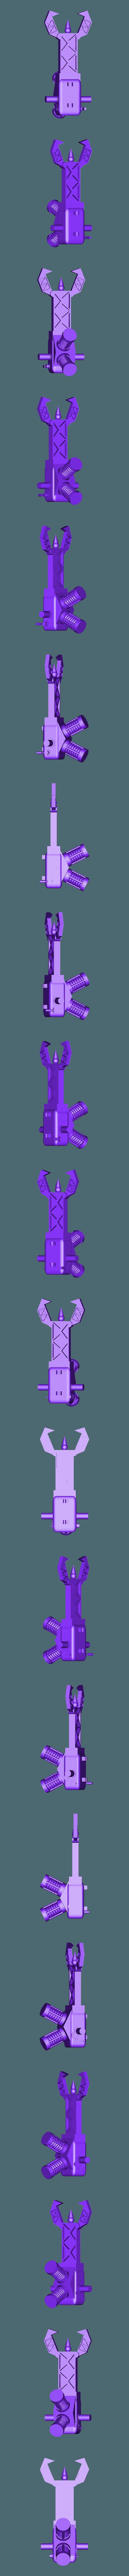 zapper_B.stl Télécharger fichier STL gratuit Orc / ork Zapper / Zzzap gun 28mm wargames • Design pour impression 3D, redstarkits